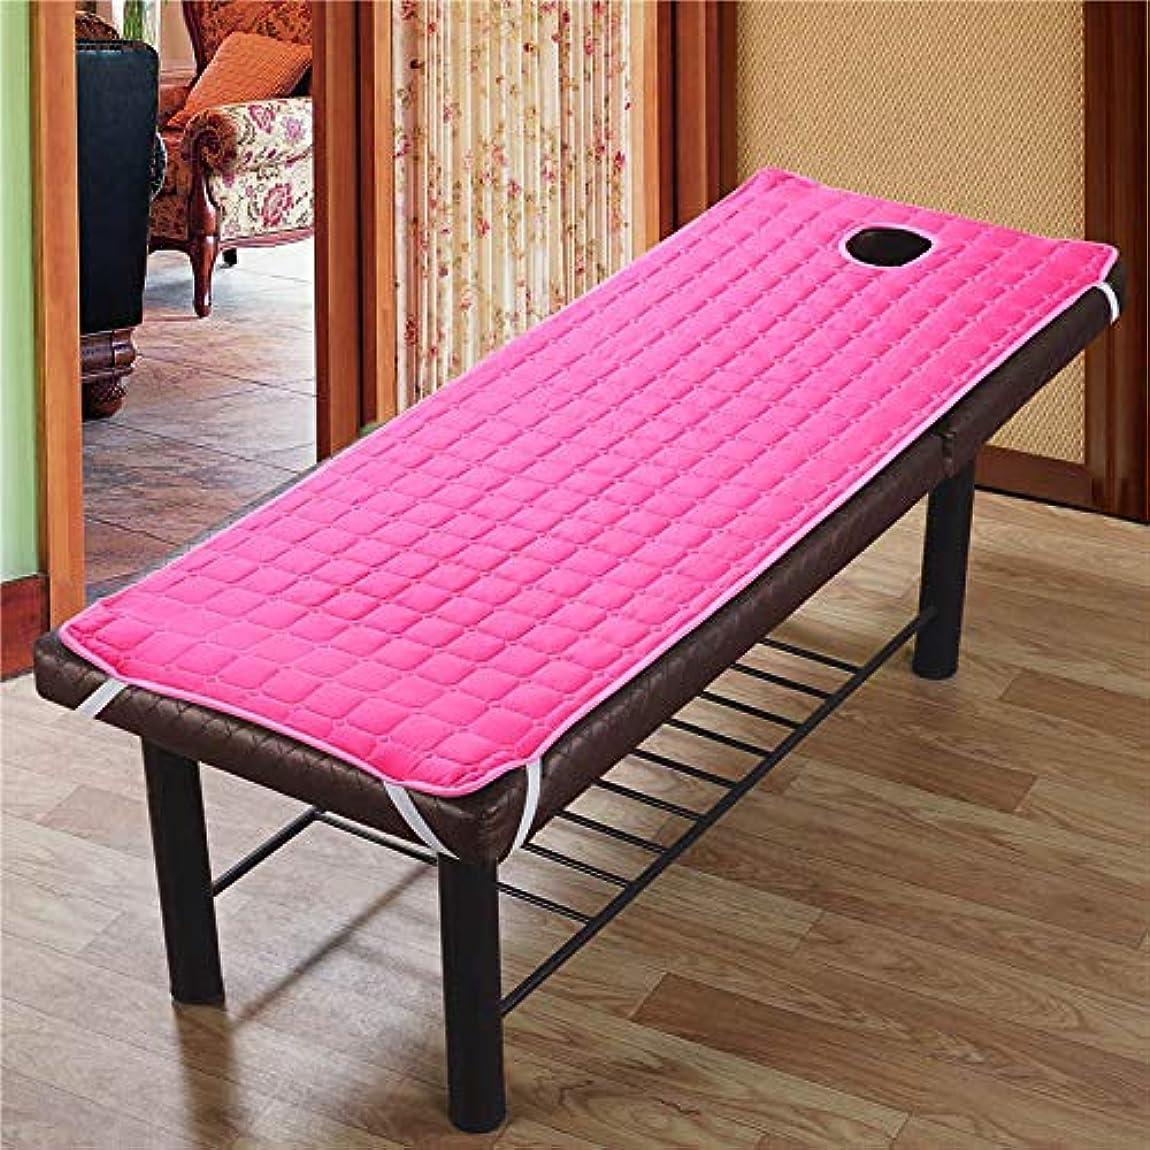 団結する仕事に行く長椅子Aylincool 美容院のマッサージ療法のベッドのための滑り止めのSoliod色の長方形のマットレス